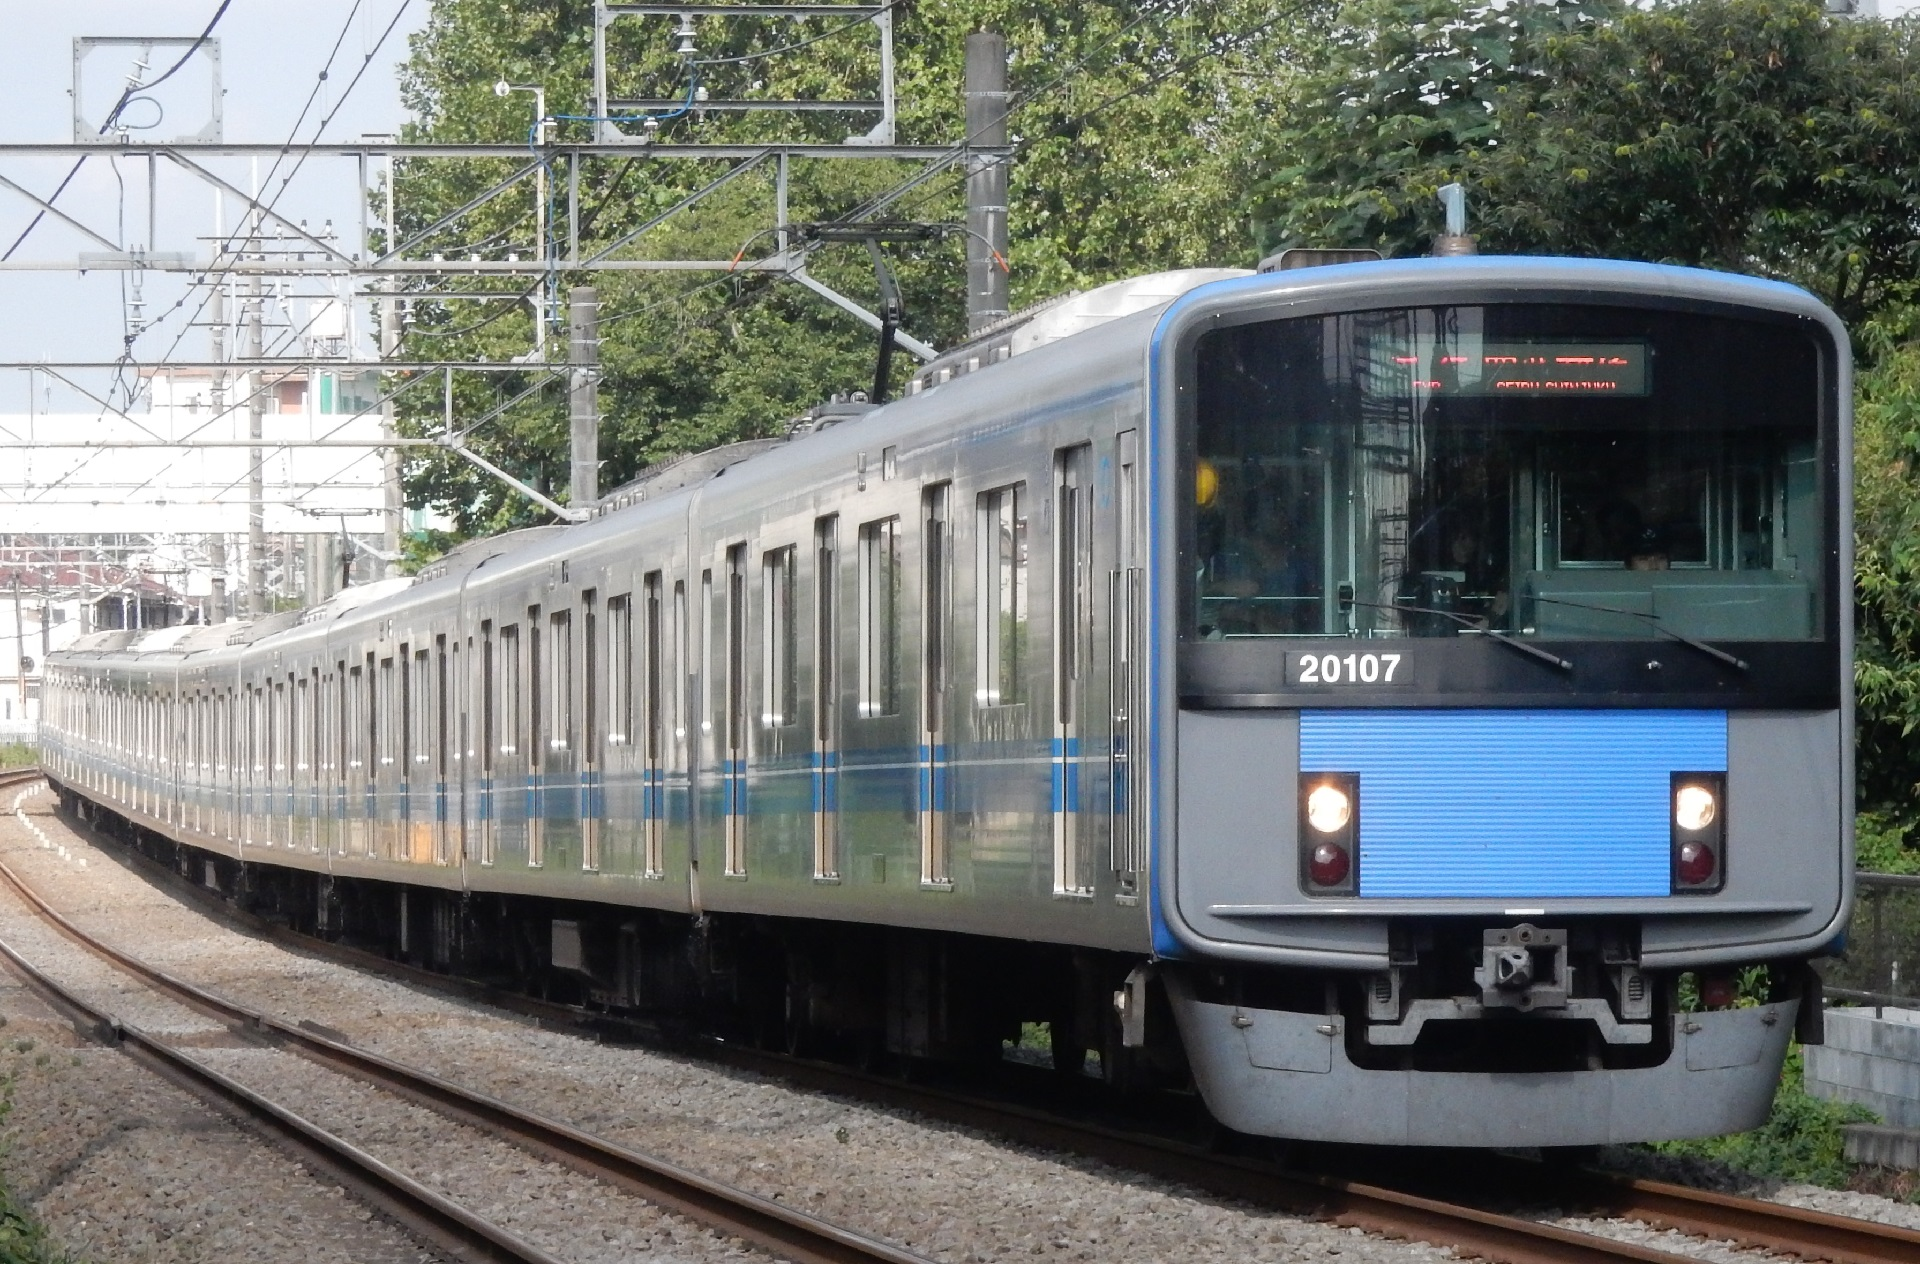 DSCN4907 - コピー